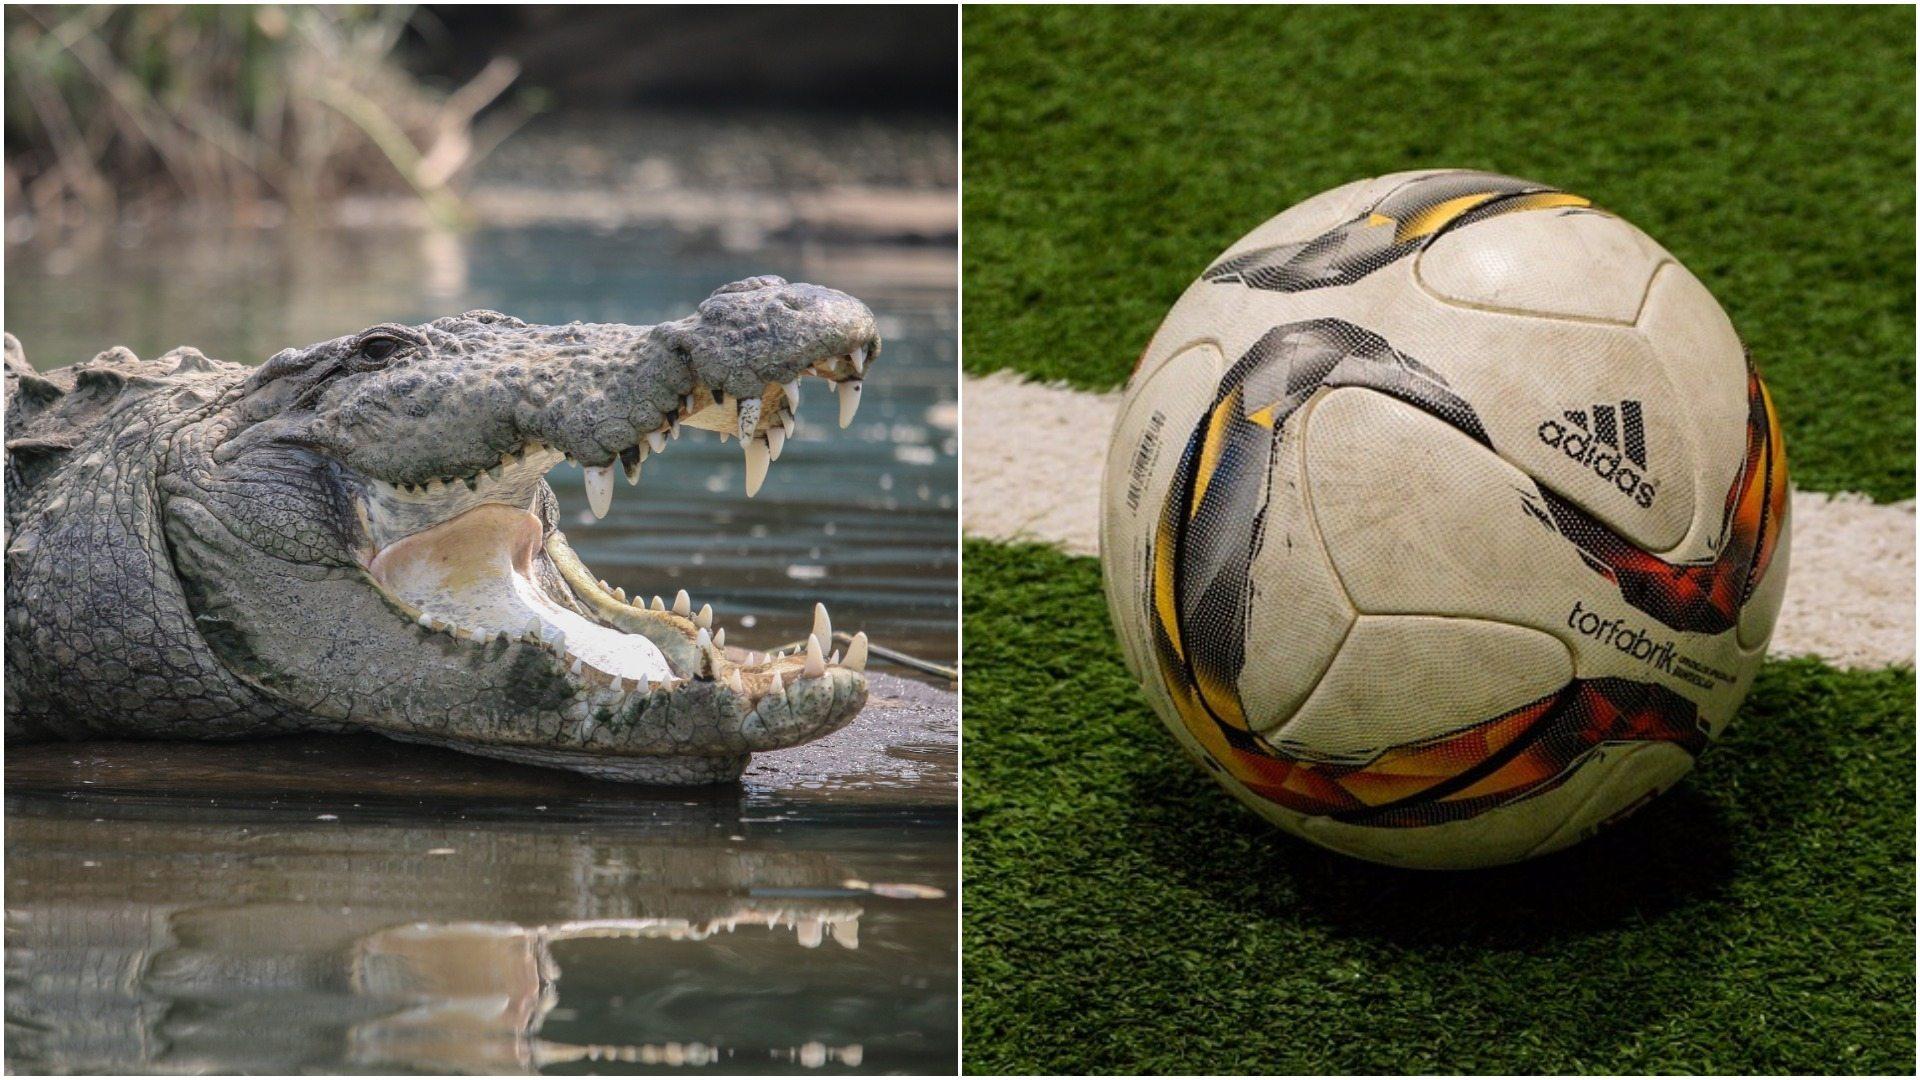 Piłkarz pożarty przez krokodyla! Koledzy z drużyny nie mogli mu pomóc